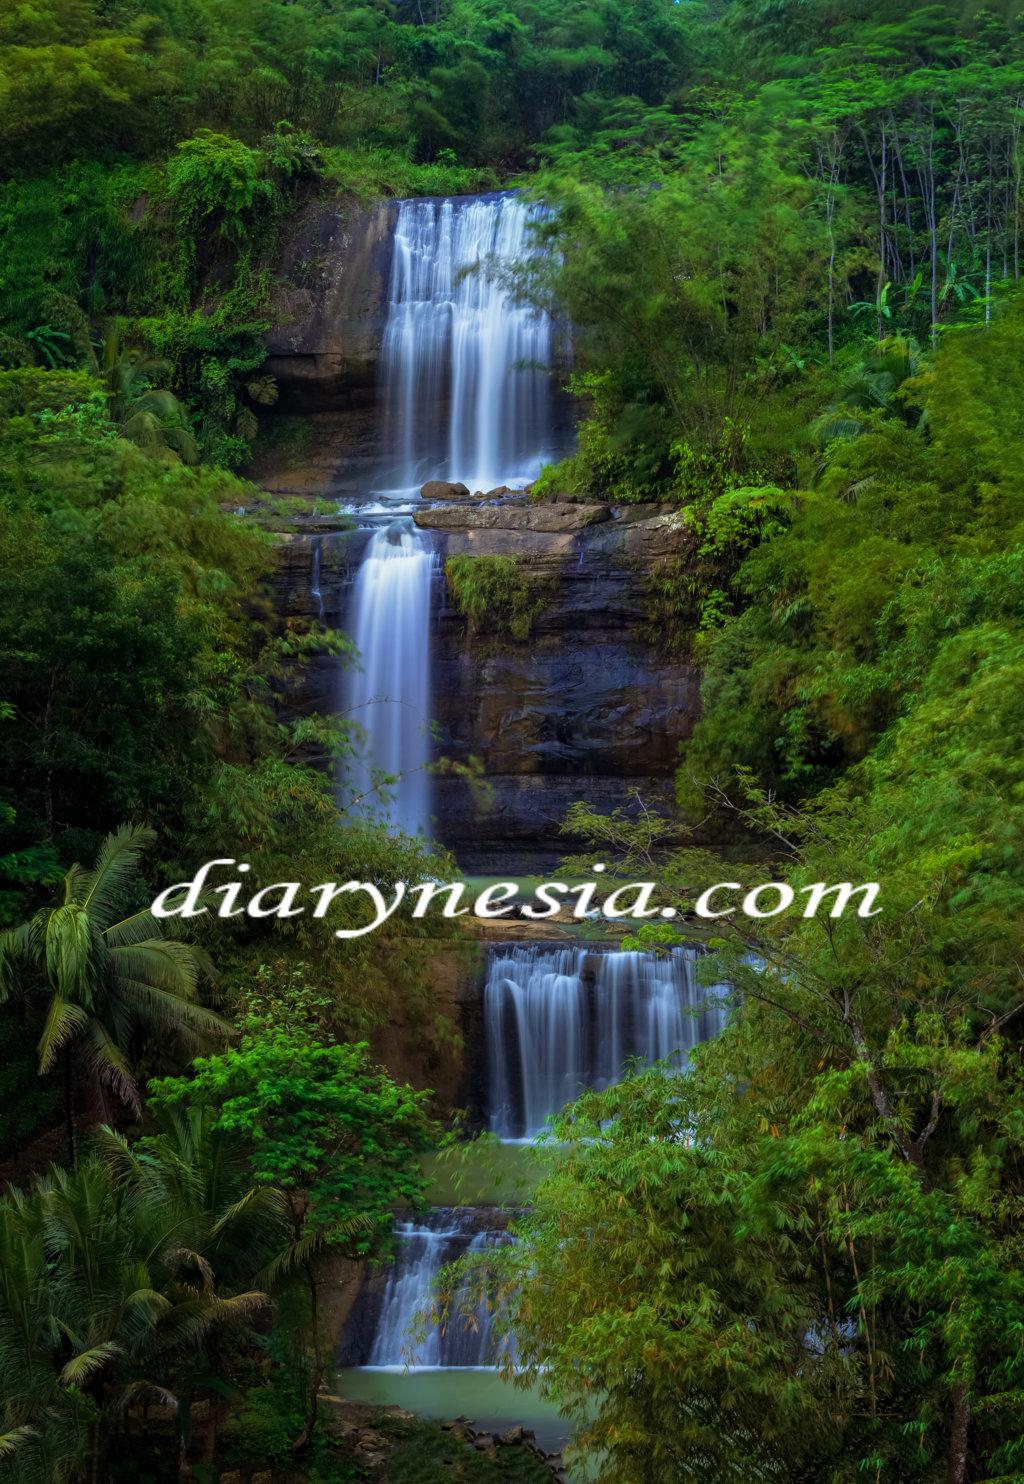 curug nangga tourism, banyumas tourism, central java tourism, diarynesia